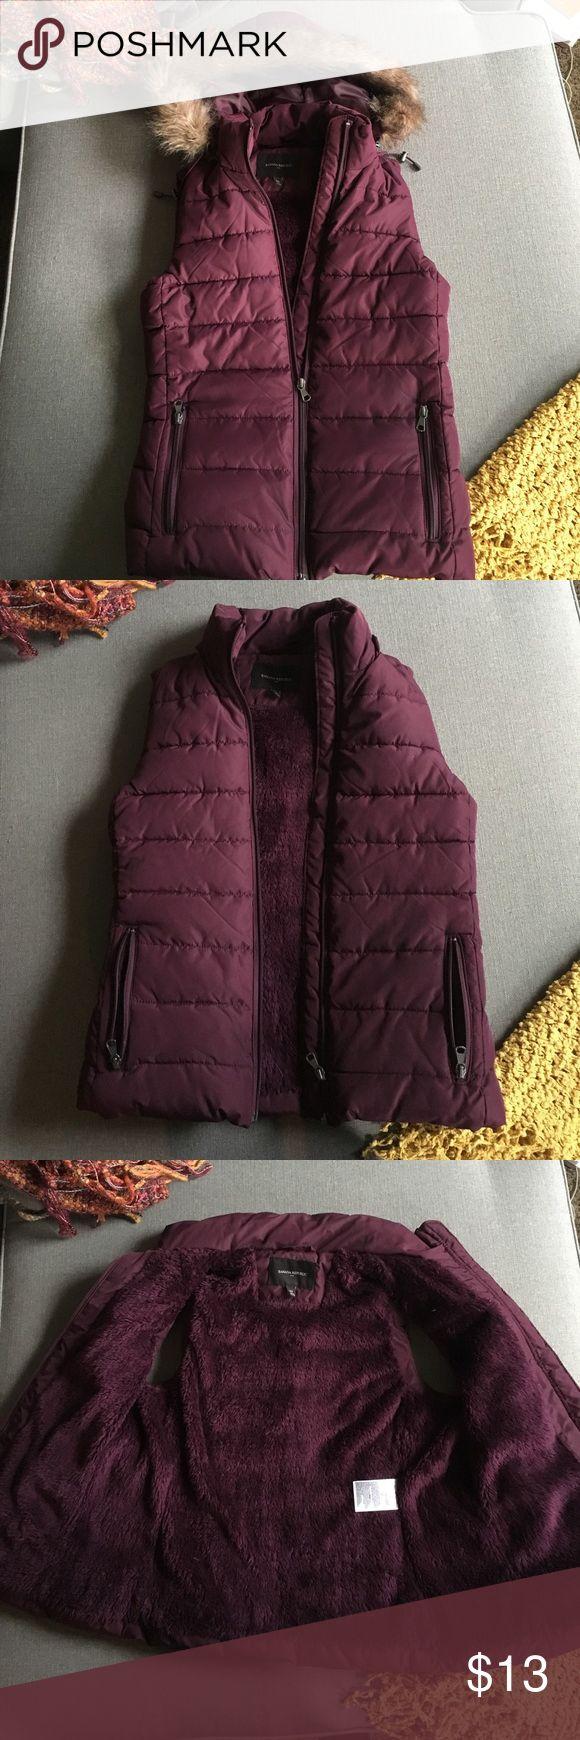 Banana Republic maroon vest w/ detachable hood XS Super warm, barely worn! Banana Republic Jackets & Coats Vests